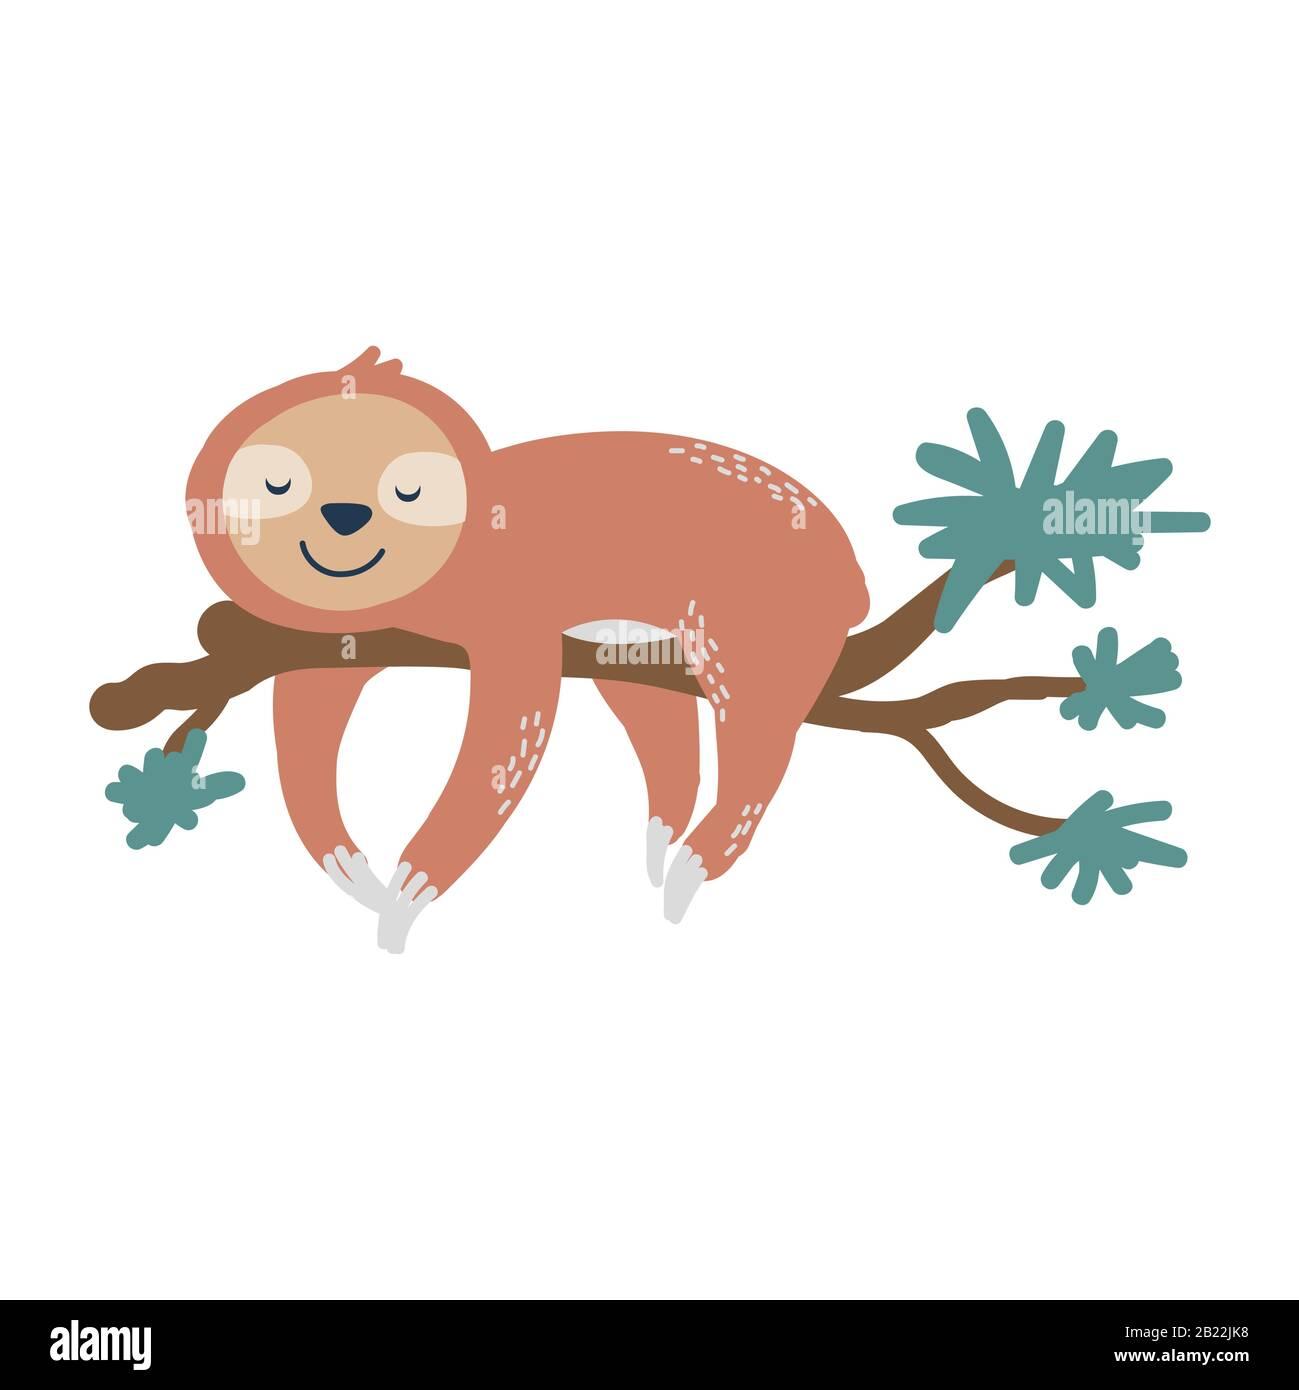 Cute sloth su albero ramo vettore illustrazione. Disegno di